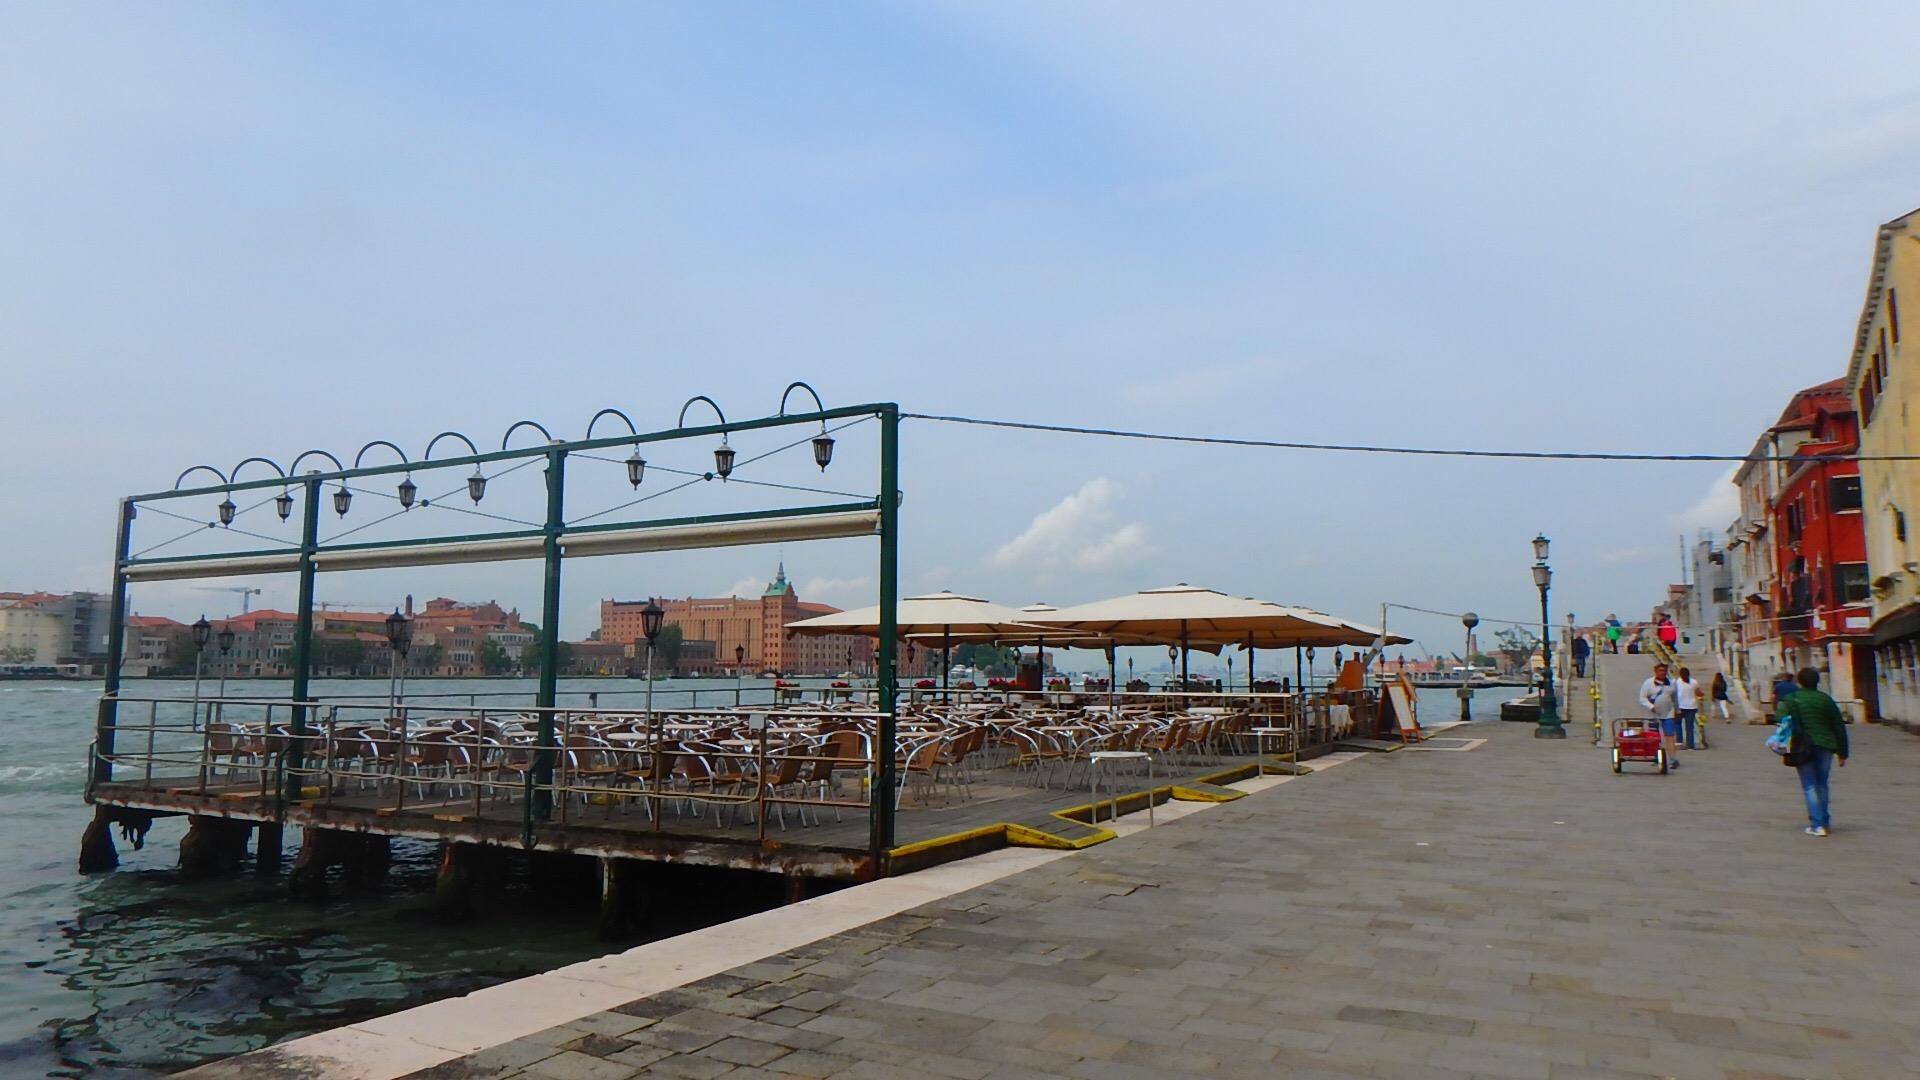 ベネチア 海沿い テラス席のあるカフェ&レストラン